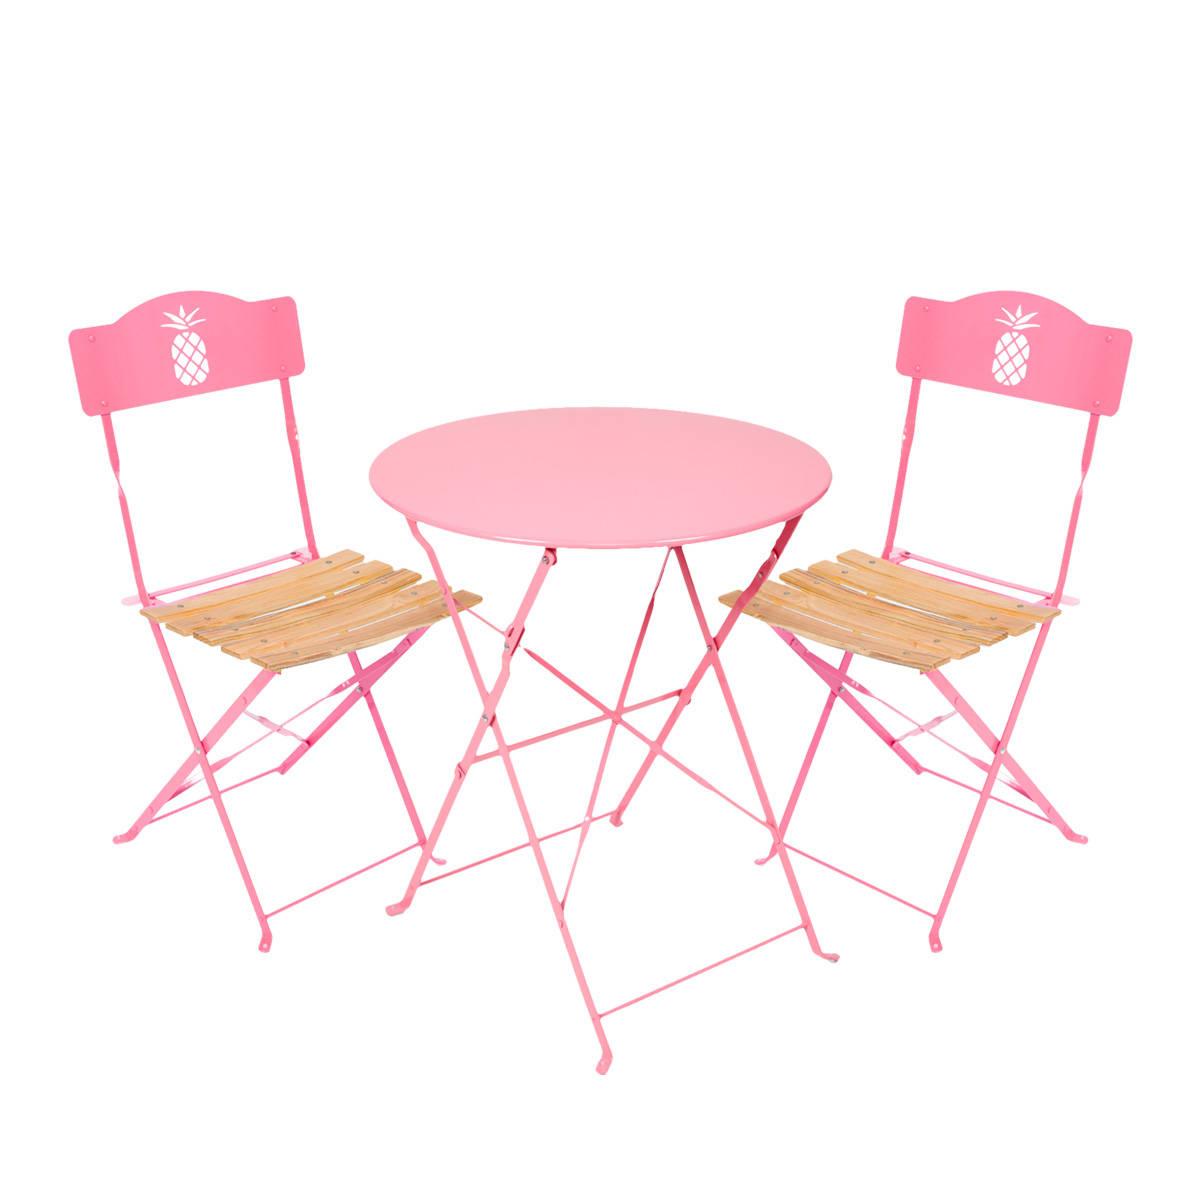 Table De Jardin Bois Pas Cher Schème - Idees Conception Jardin destiné Table Jardin Ronde Pas Cher